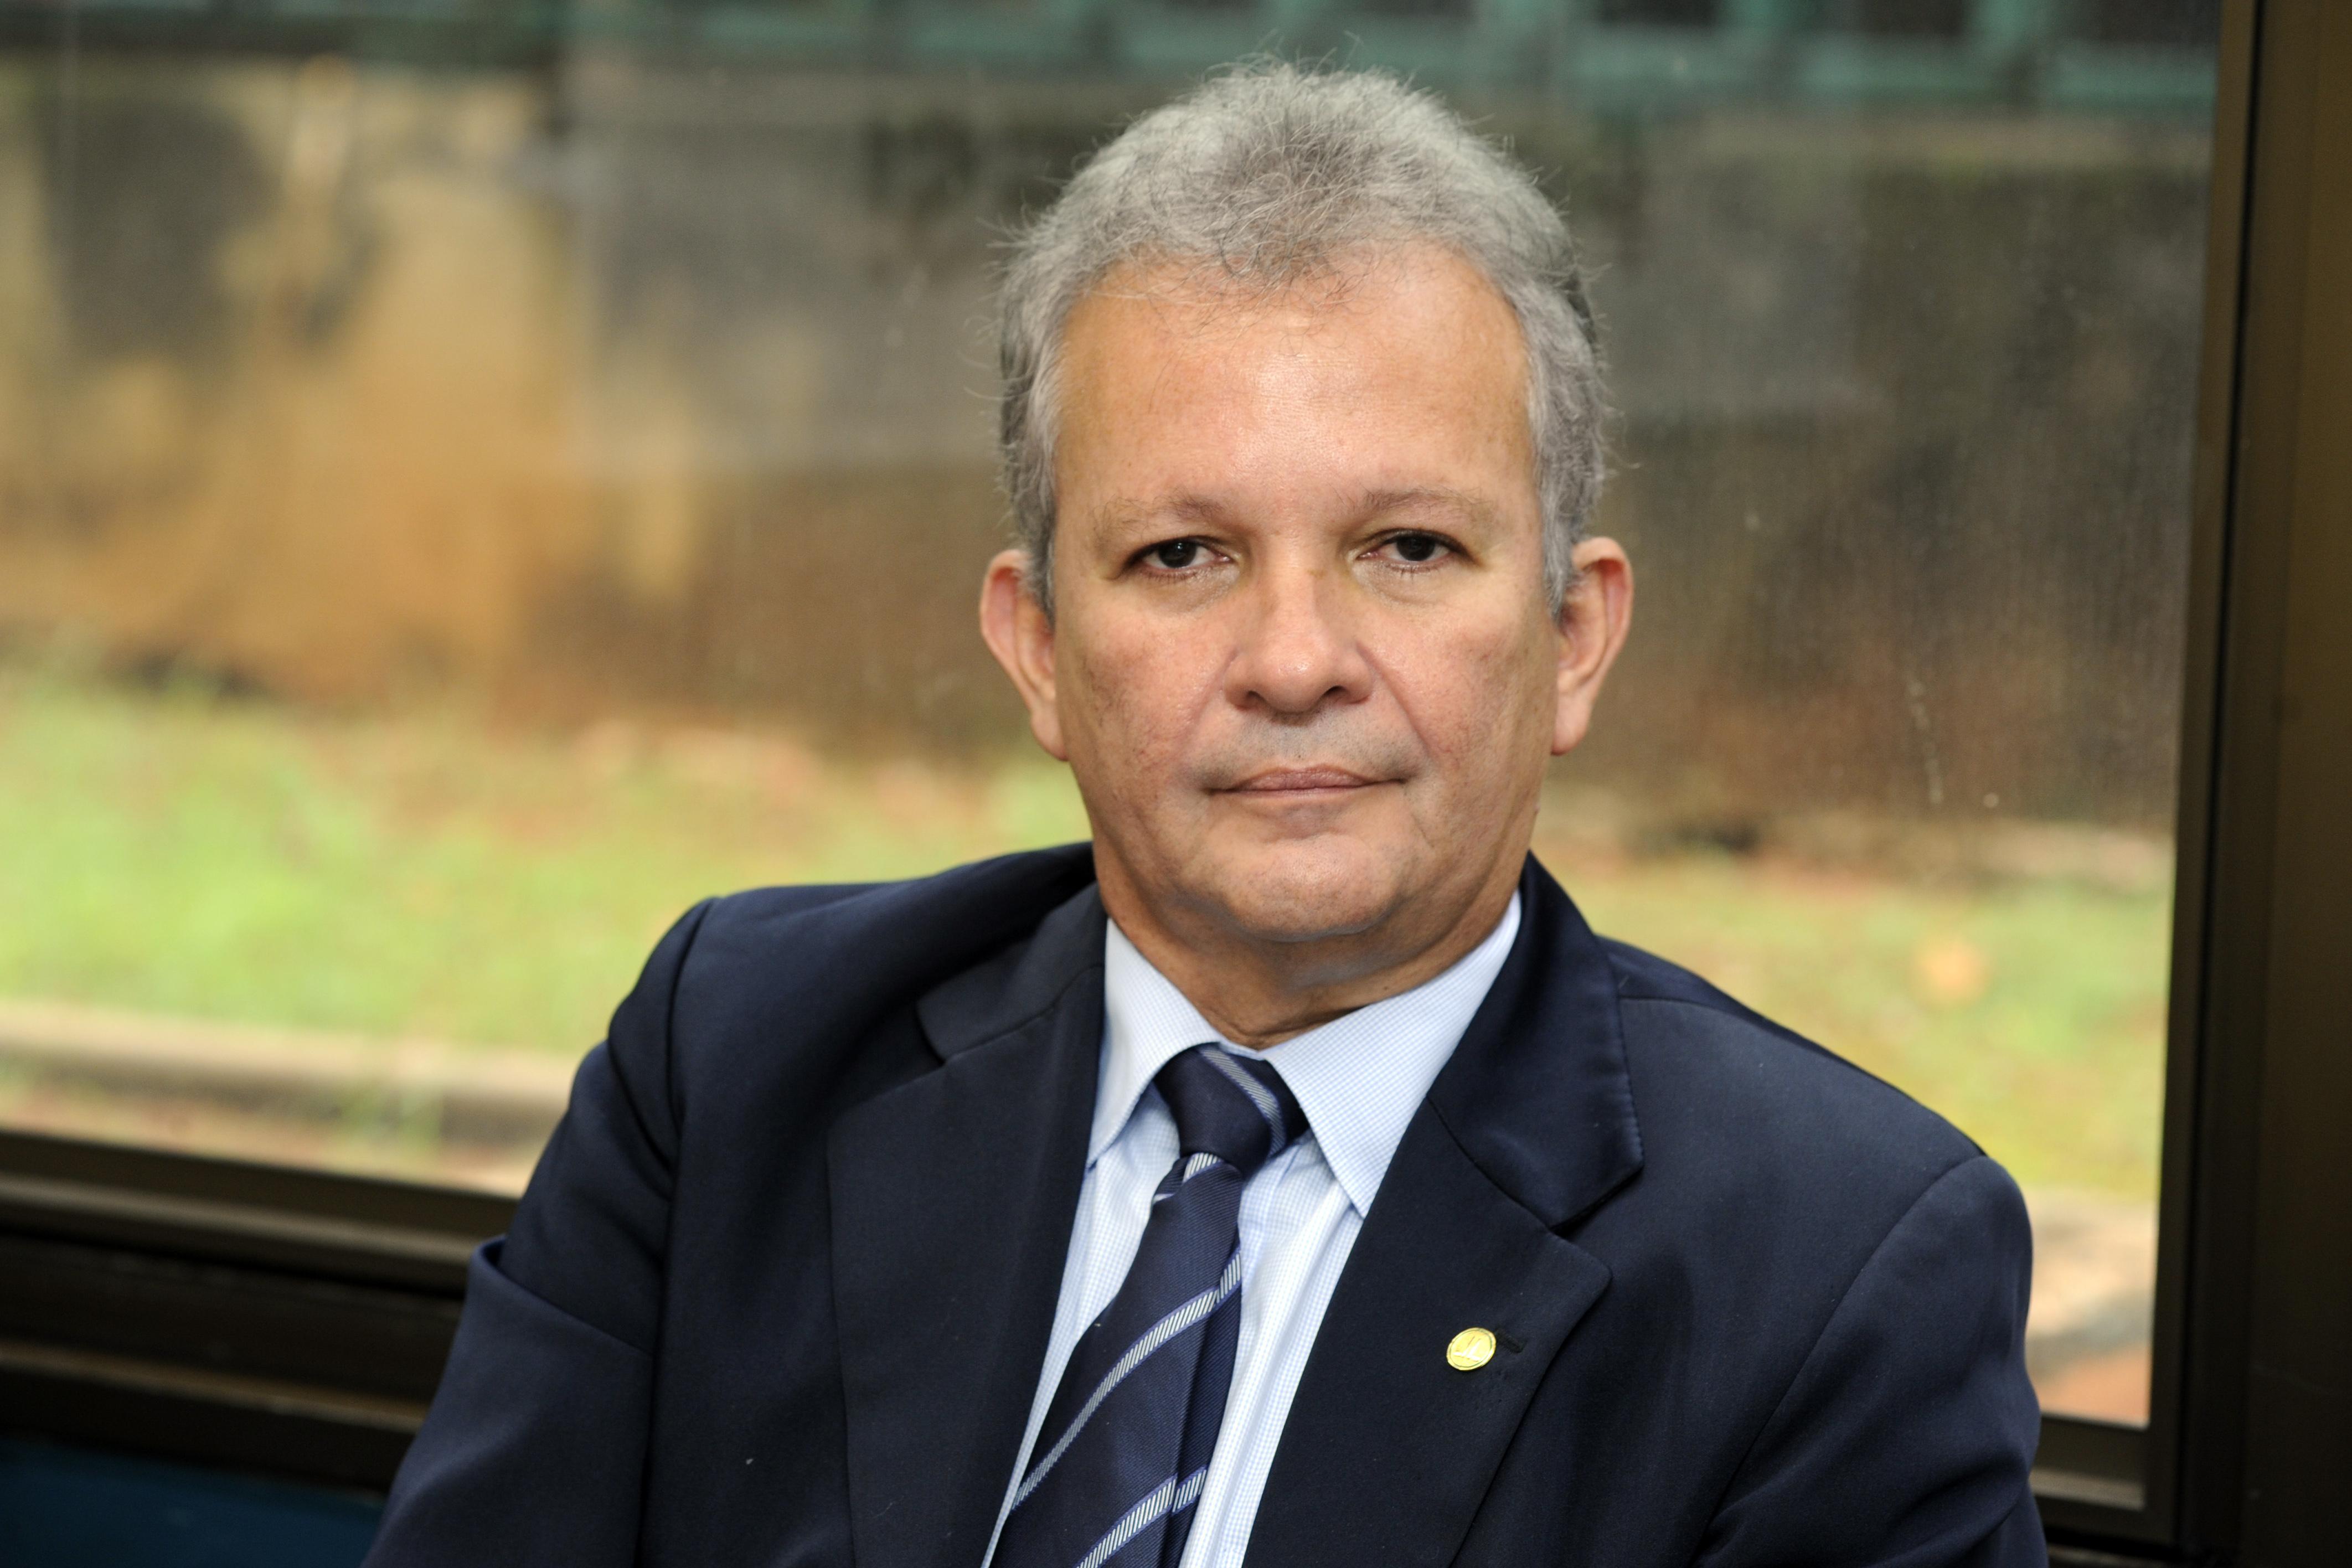 Presidentes dos partidos da oposição se reúnem na Liderança do PSOL na Câmara para discutir estratégias de enfrentamento à Reforma da Previdência. Dep. André Figueiredo (PDT - CE)